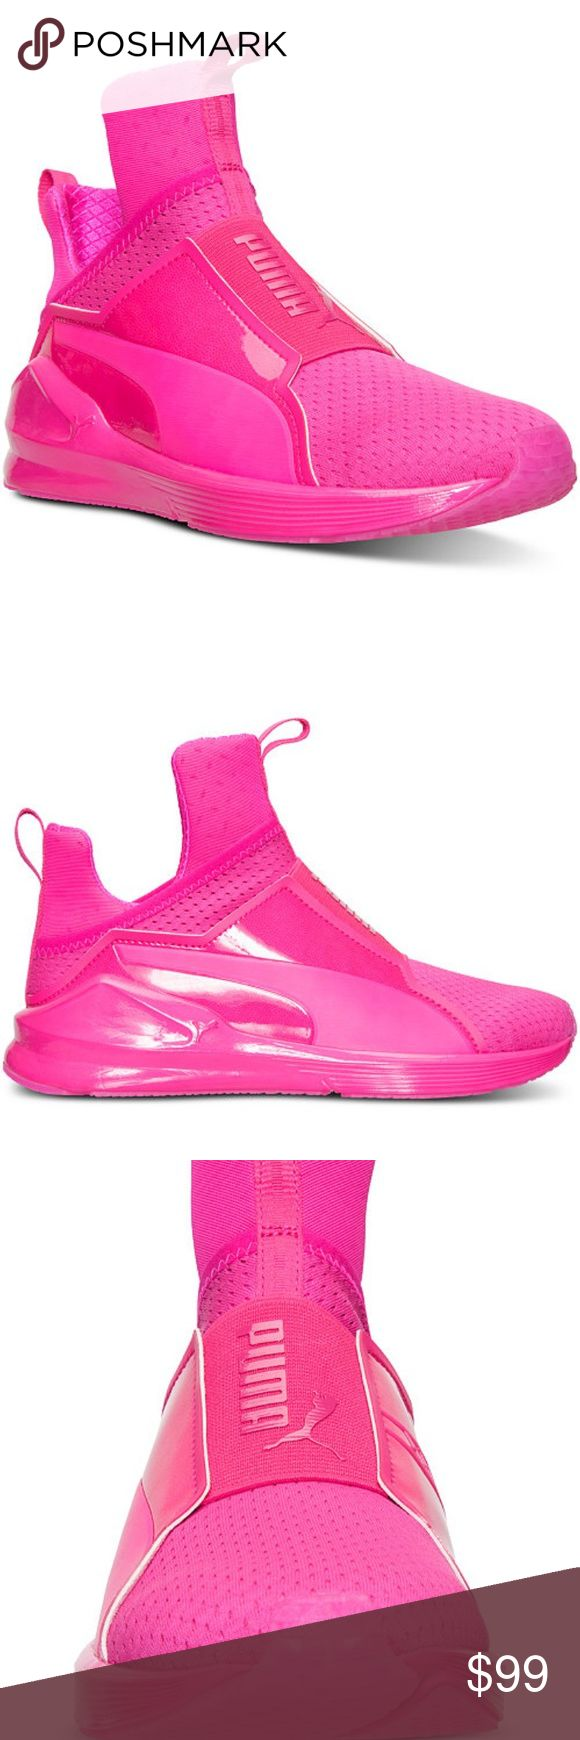 Puma Fierce Hot Pink Sneakers   Puma